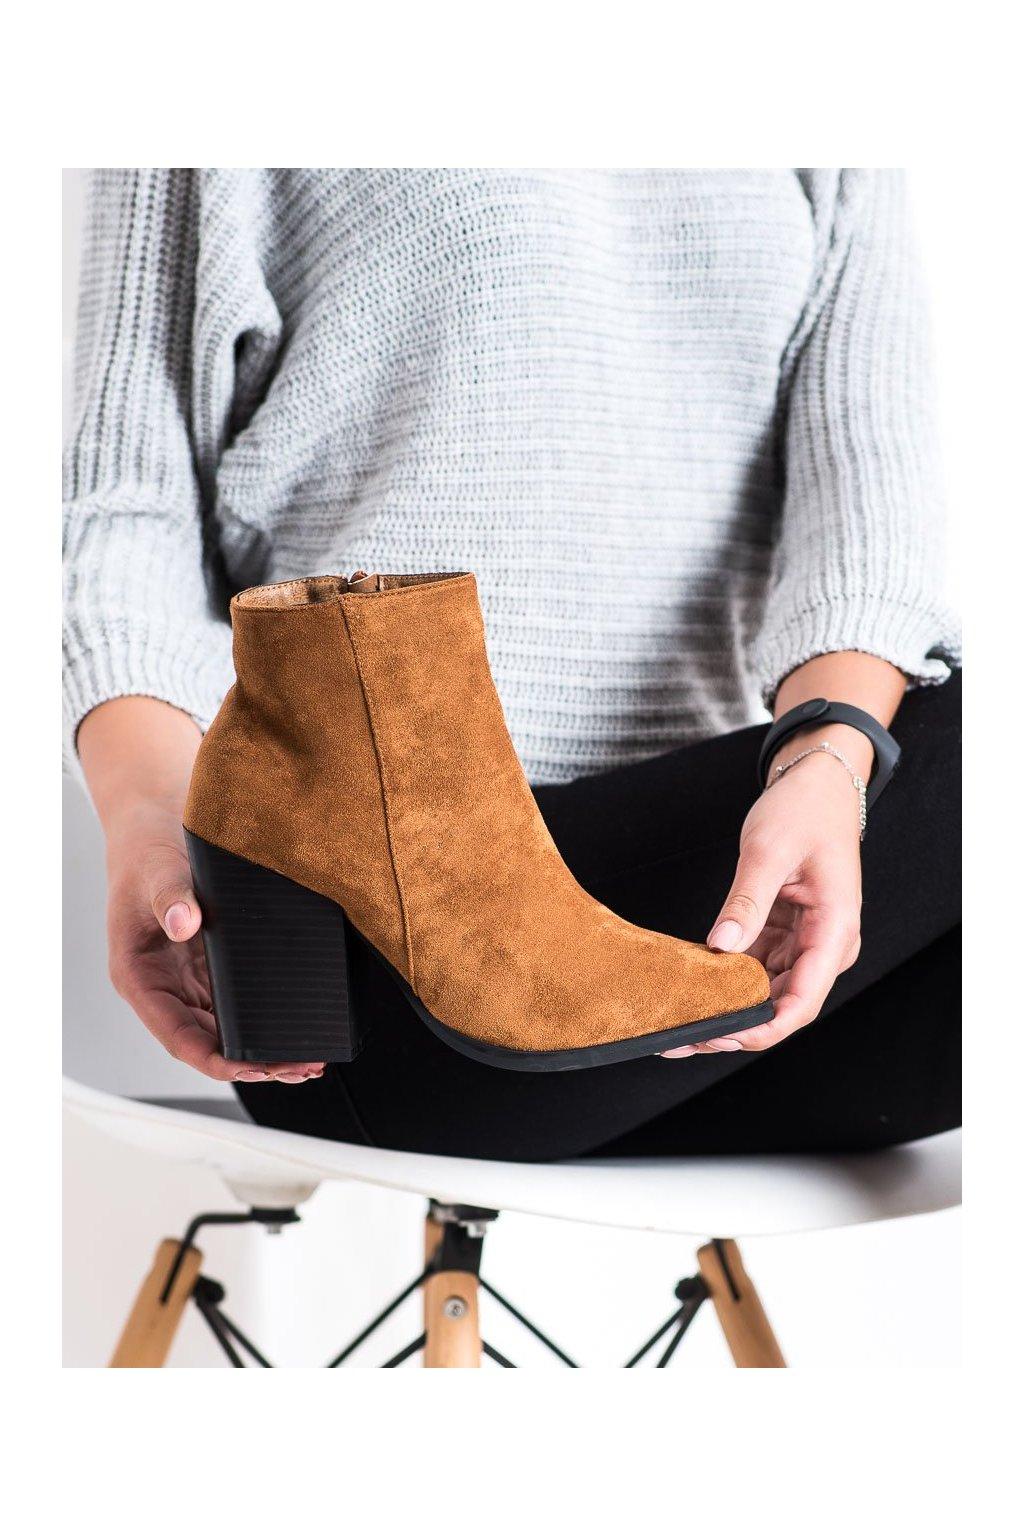 Hnedé dámske topánky Marquiz kod TX-3207C